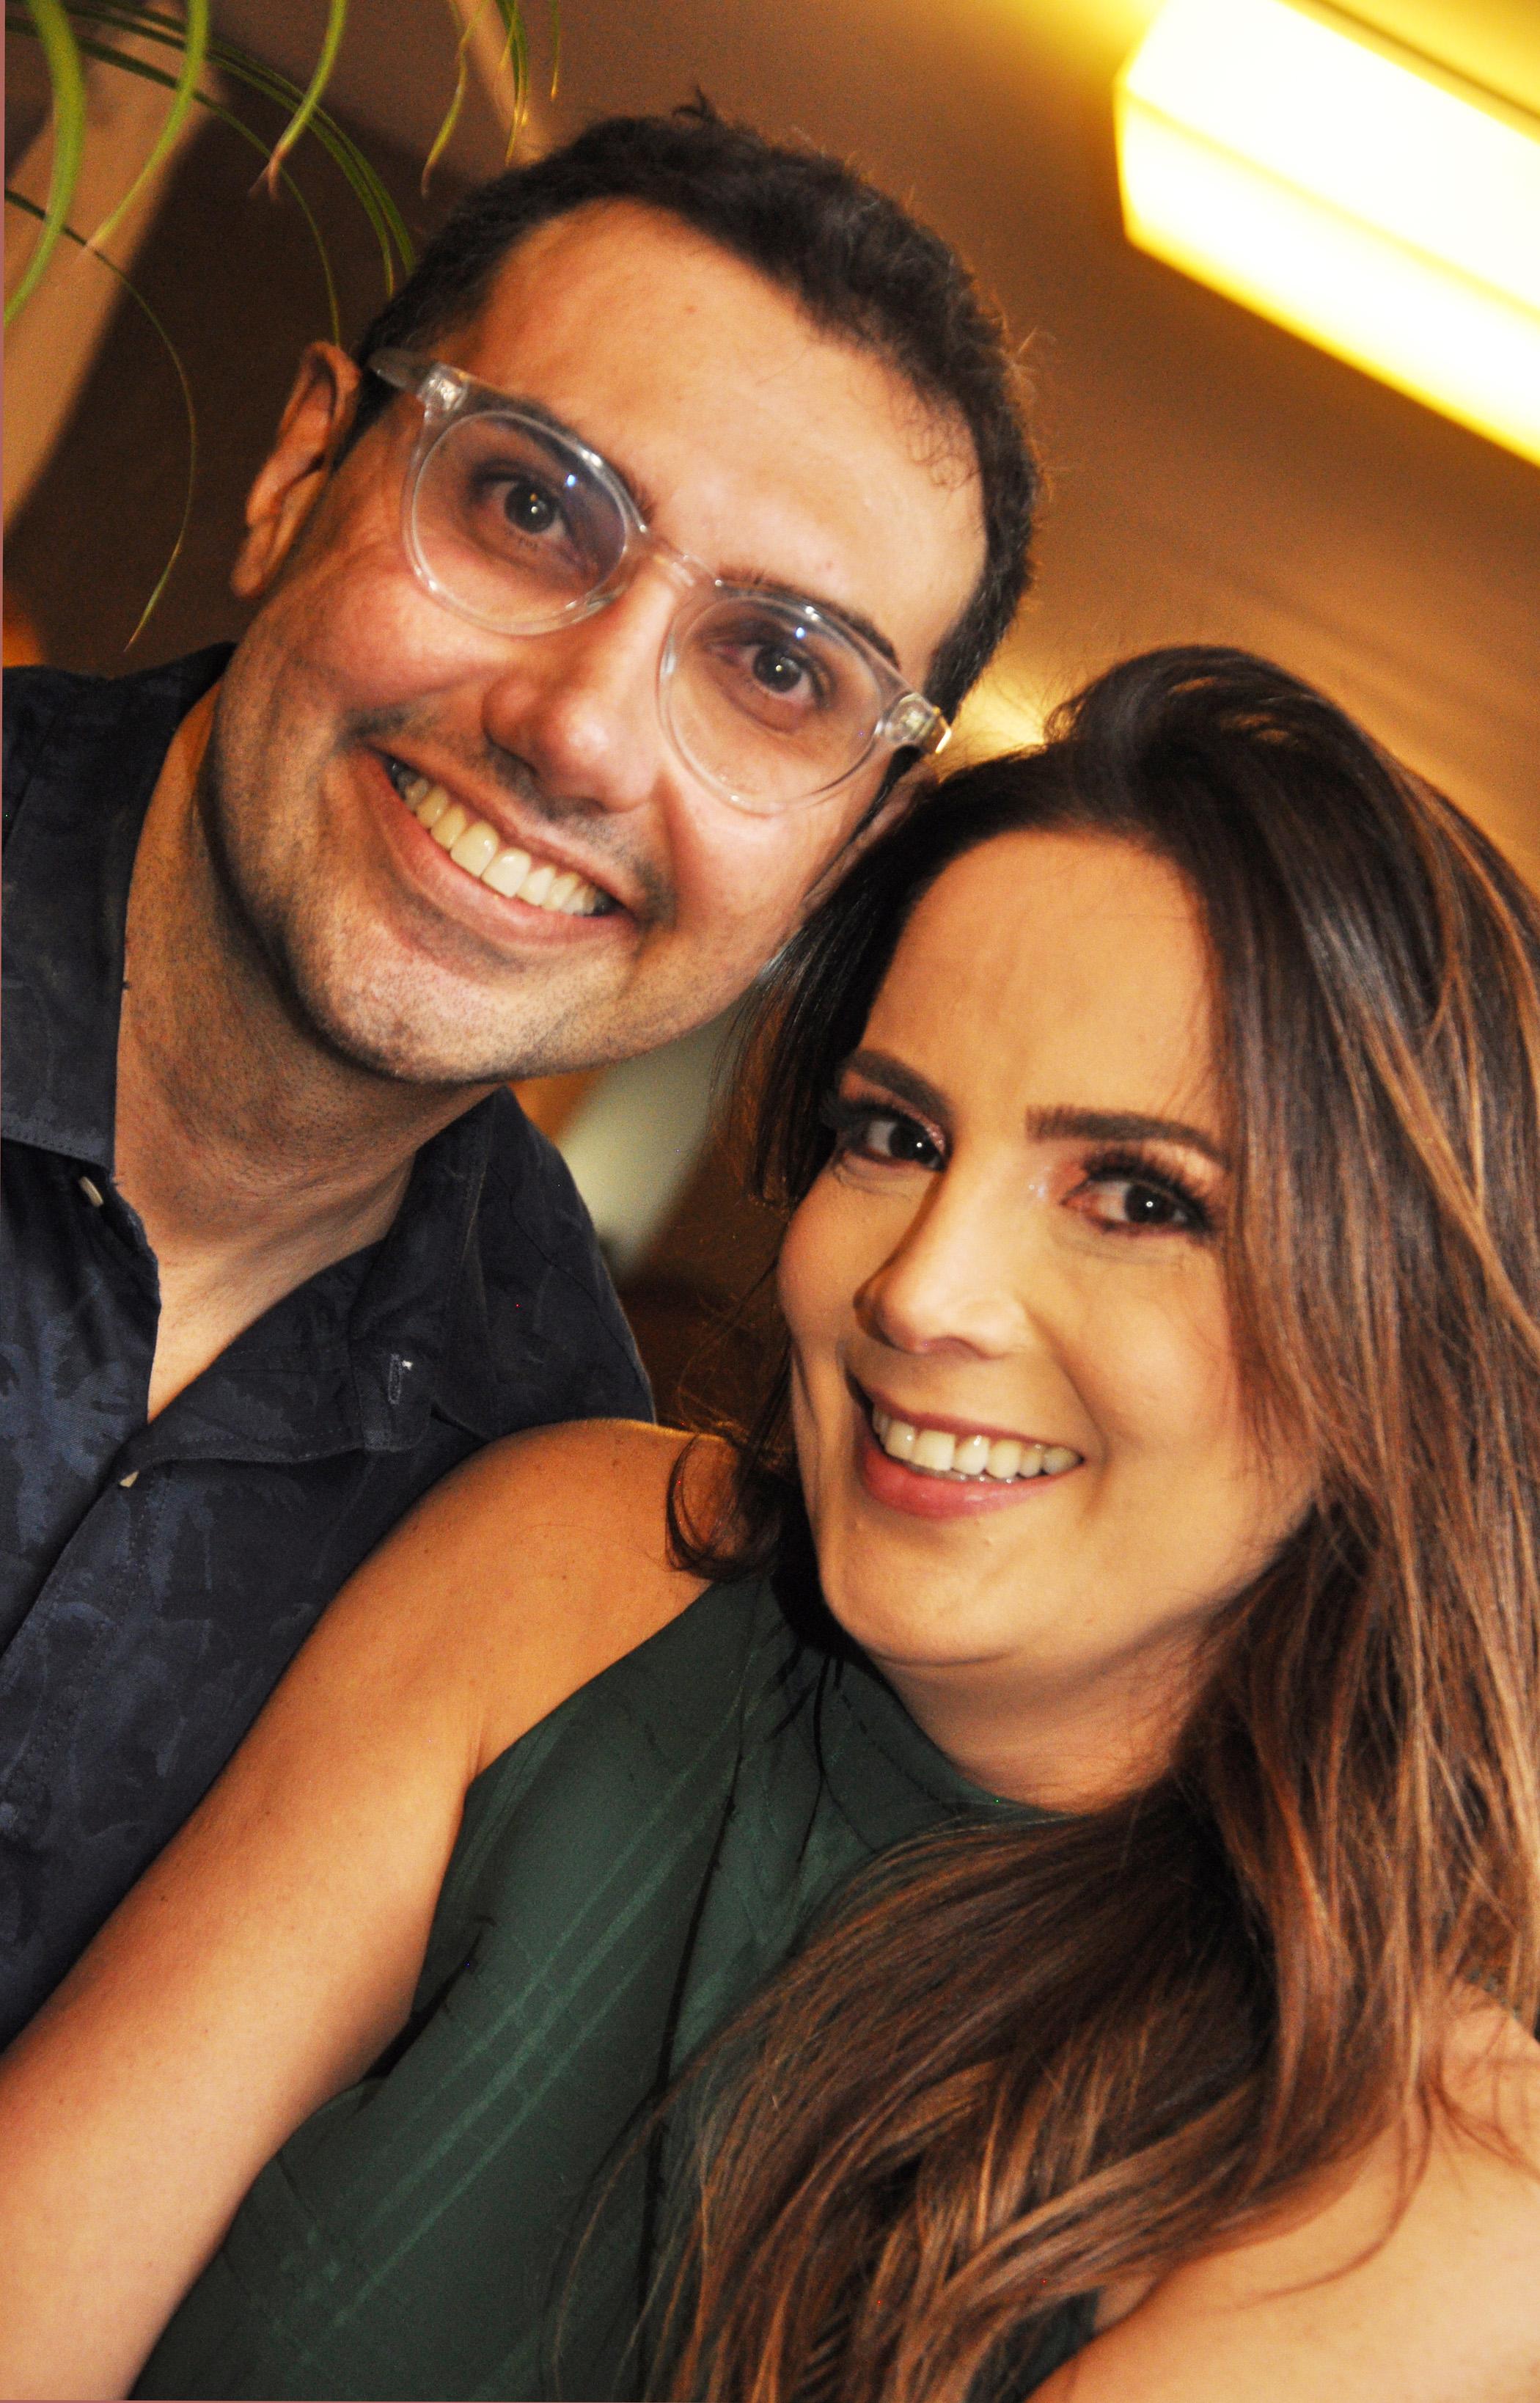 NIVER DE THIAGO - Thiago Cavalcanti e Carol Galvão